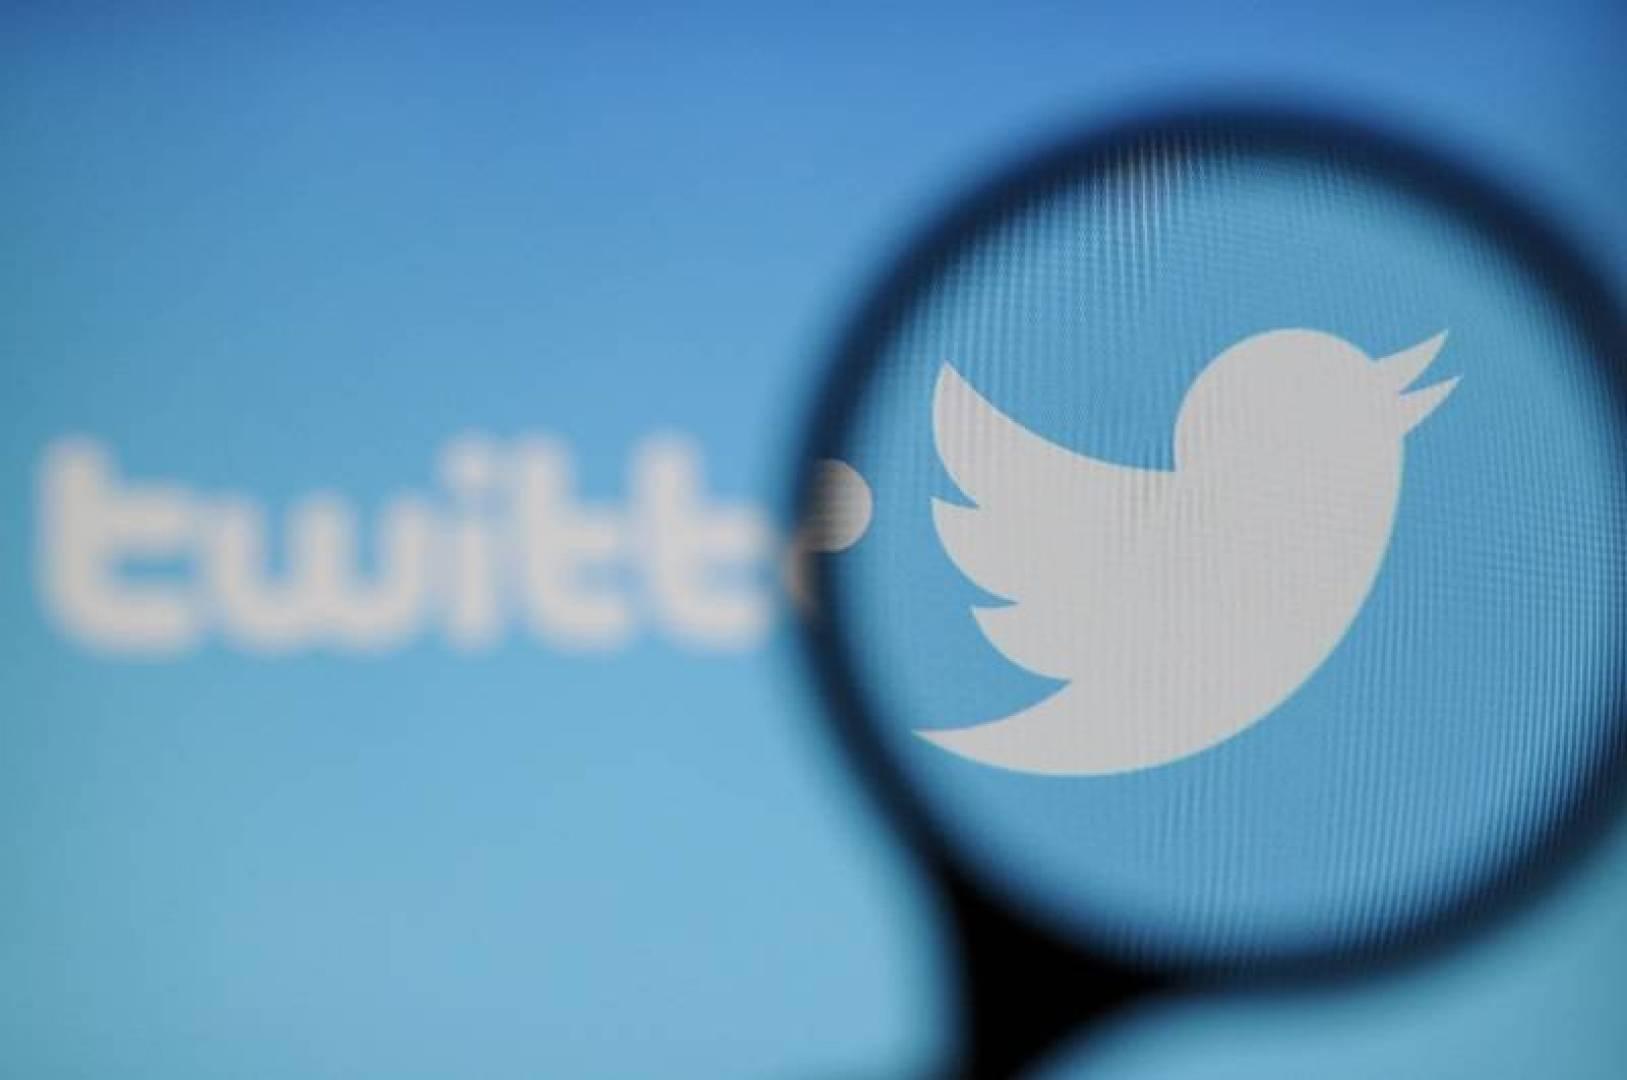 تويتر تحدّث سياستها المتعلقة بخصوصية البيانات بداية من العام المقبل